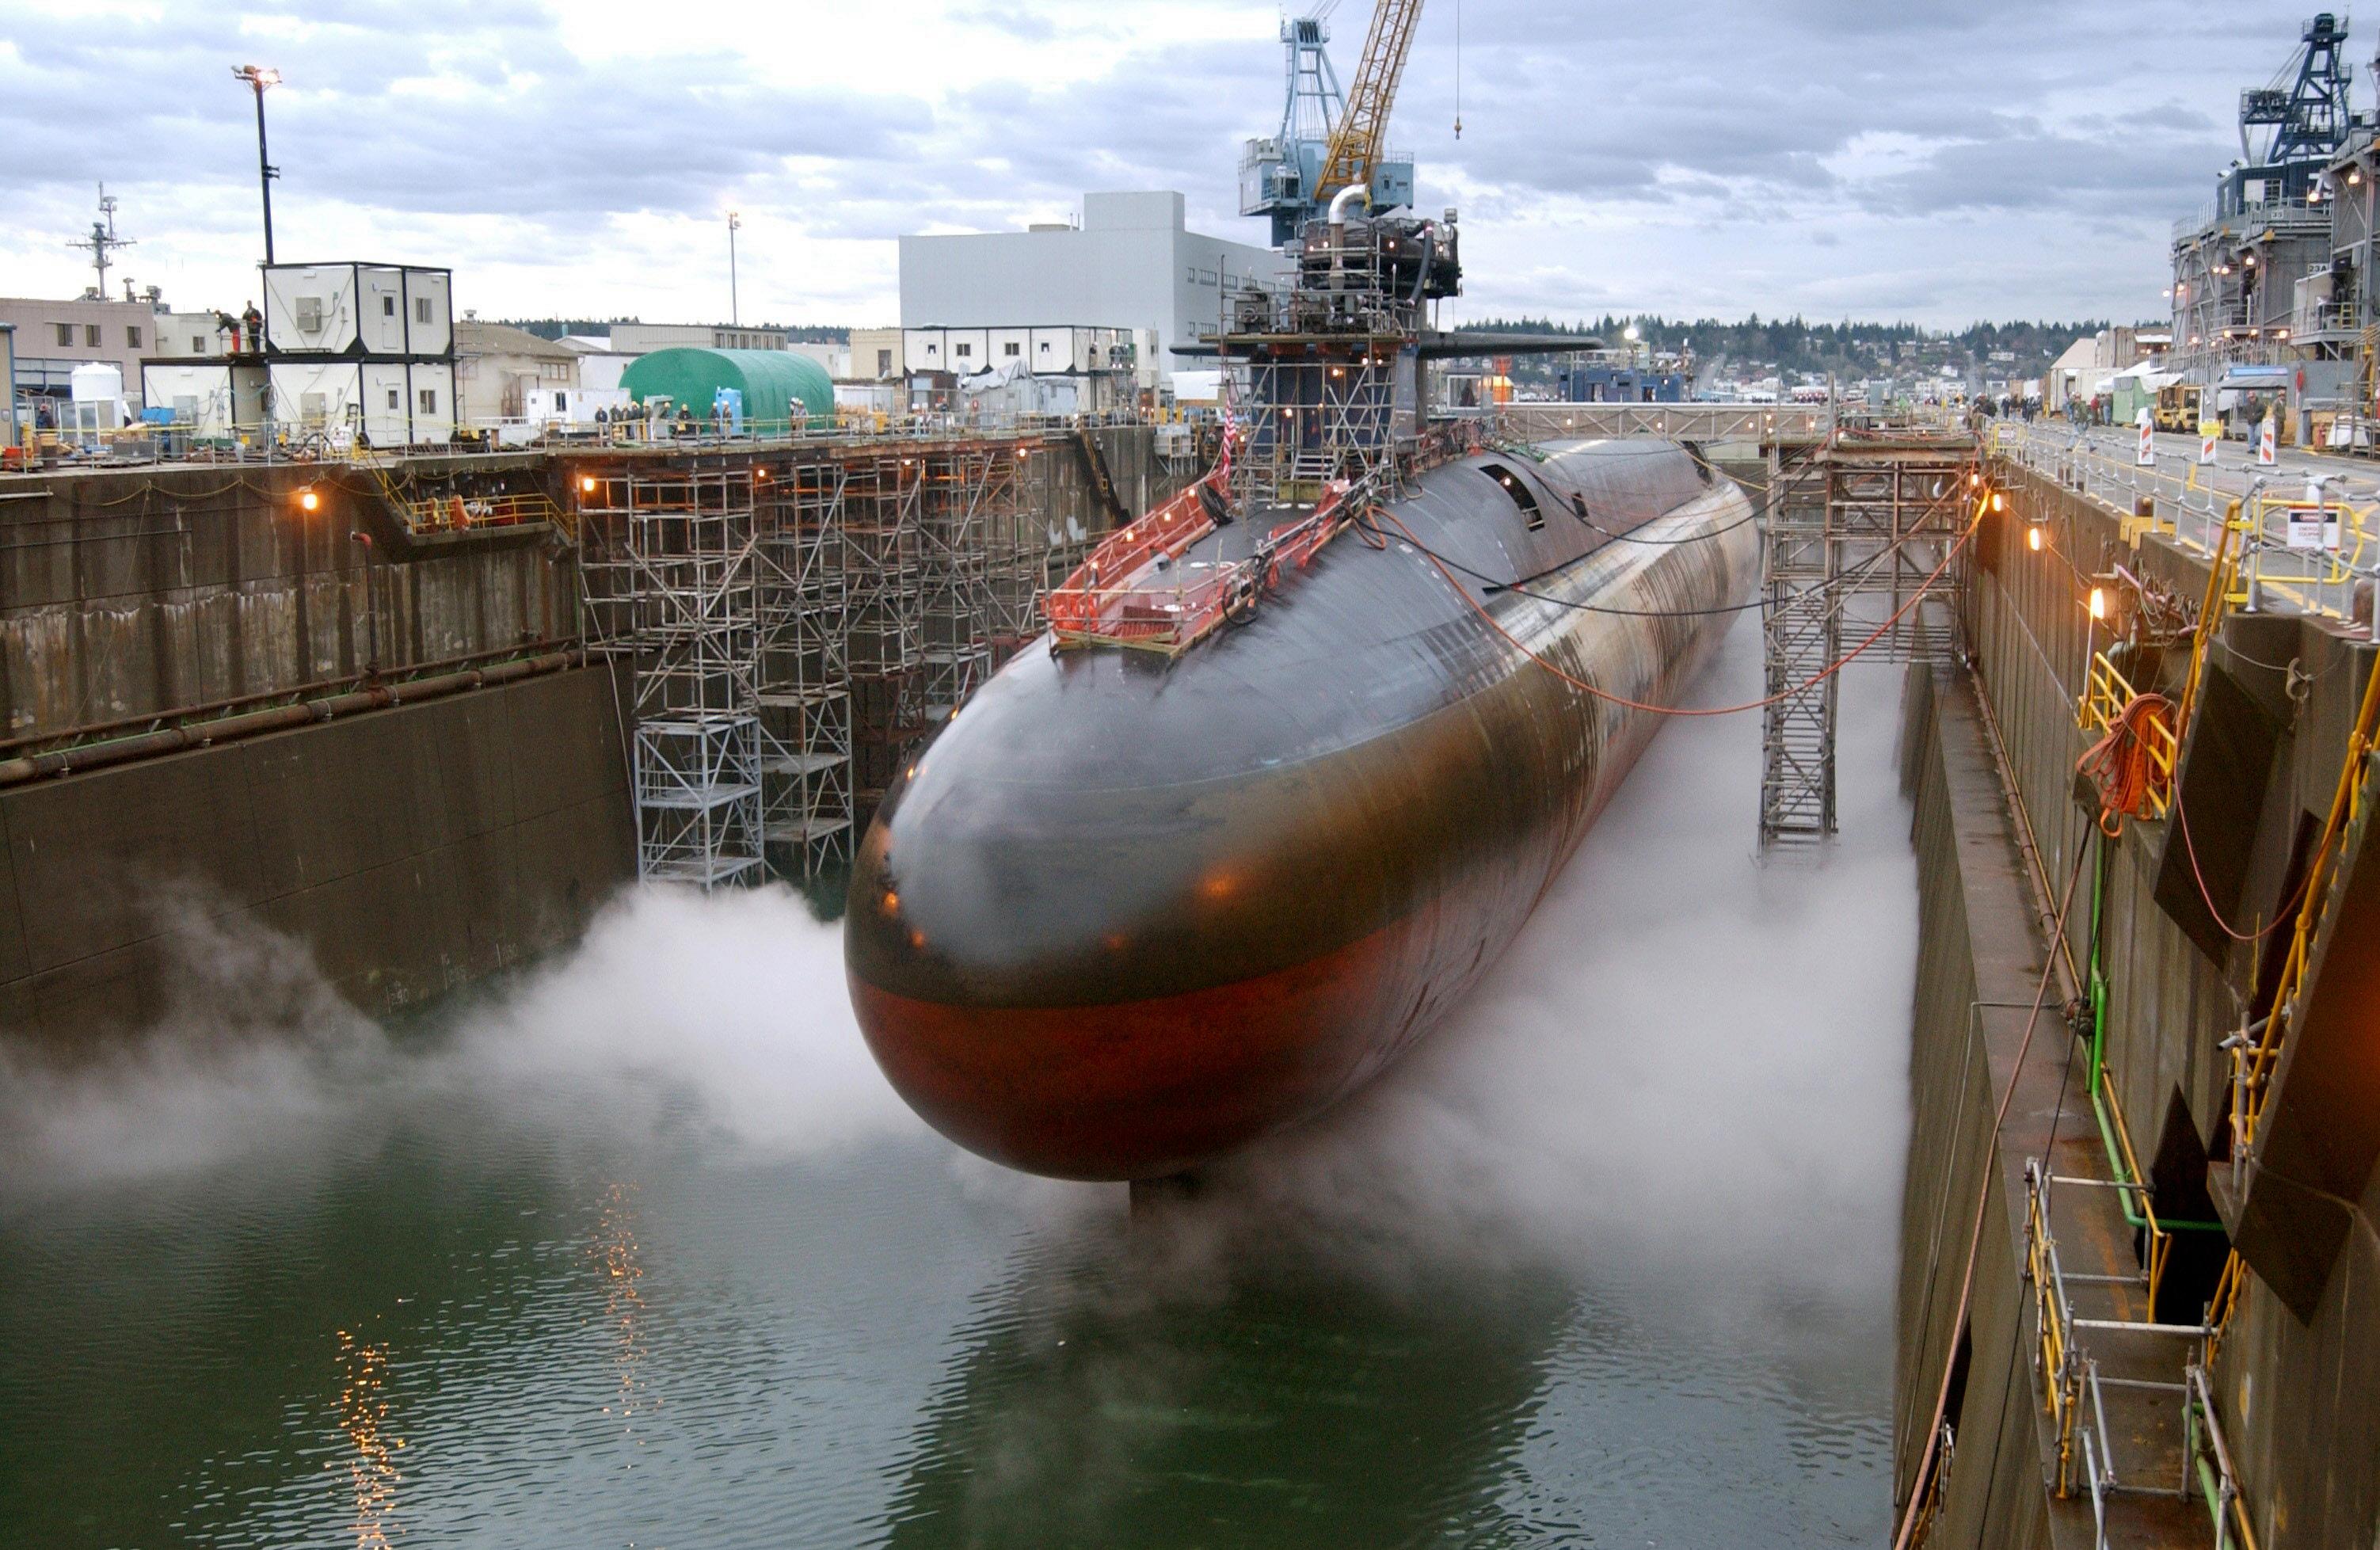 фото американских атомных подводных лодок